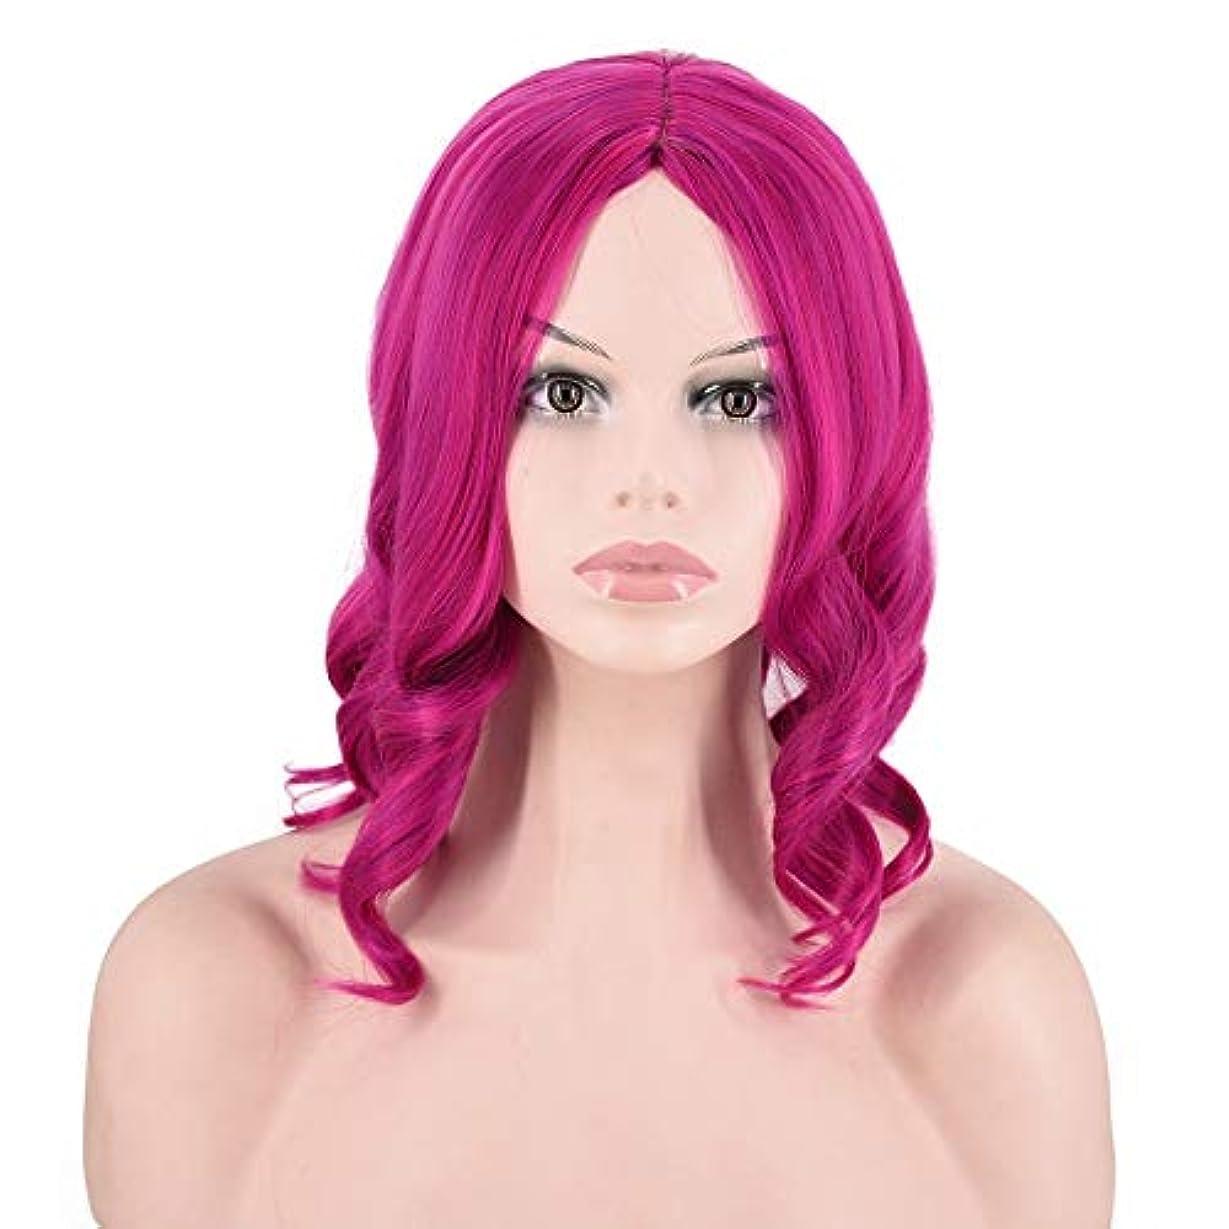 泥キャンベラネクタイYOUQIU 女性のファッションの毎日髪のかつらのためにローズレッドコスプレウィッグカーリーボブヘアーウェーブスタイル (色 : Photo Color)